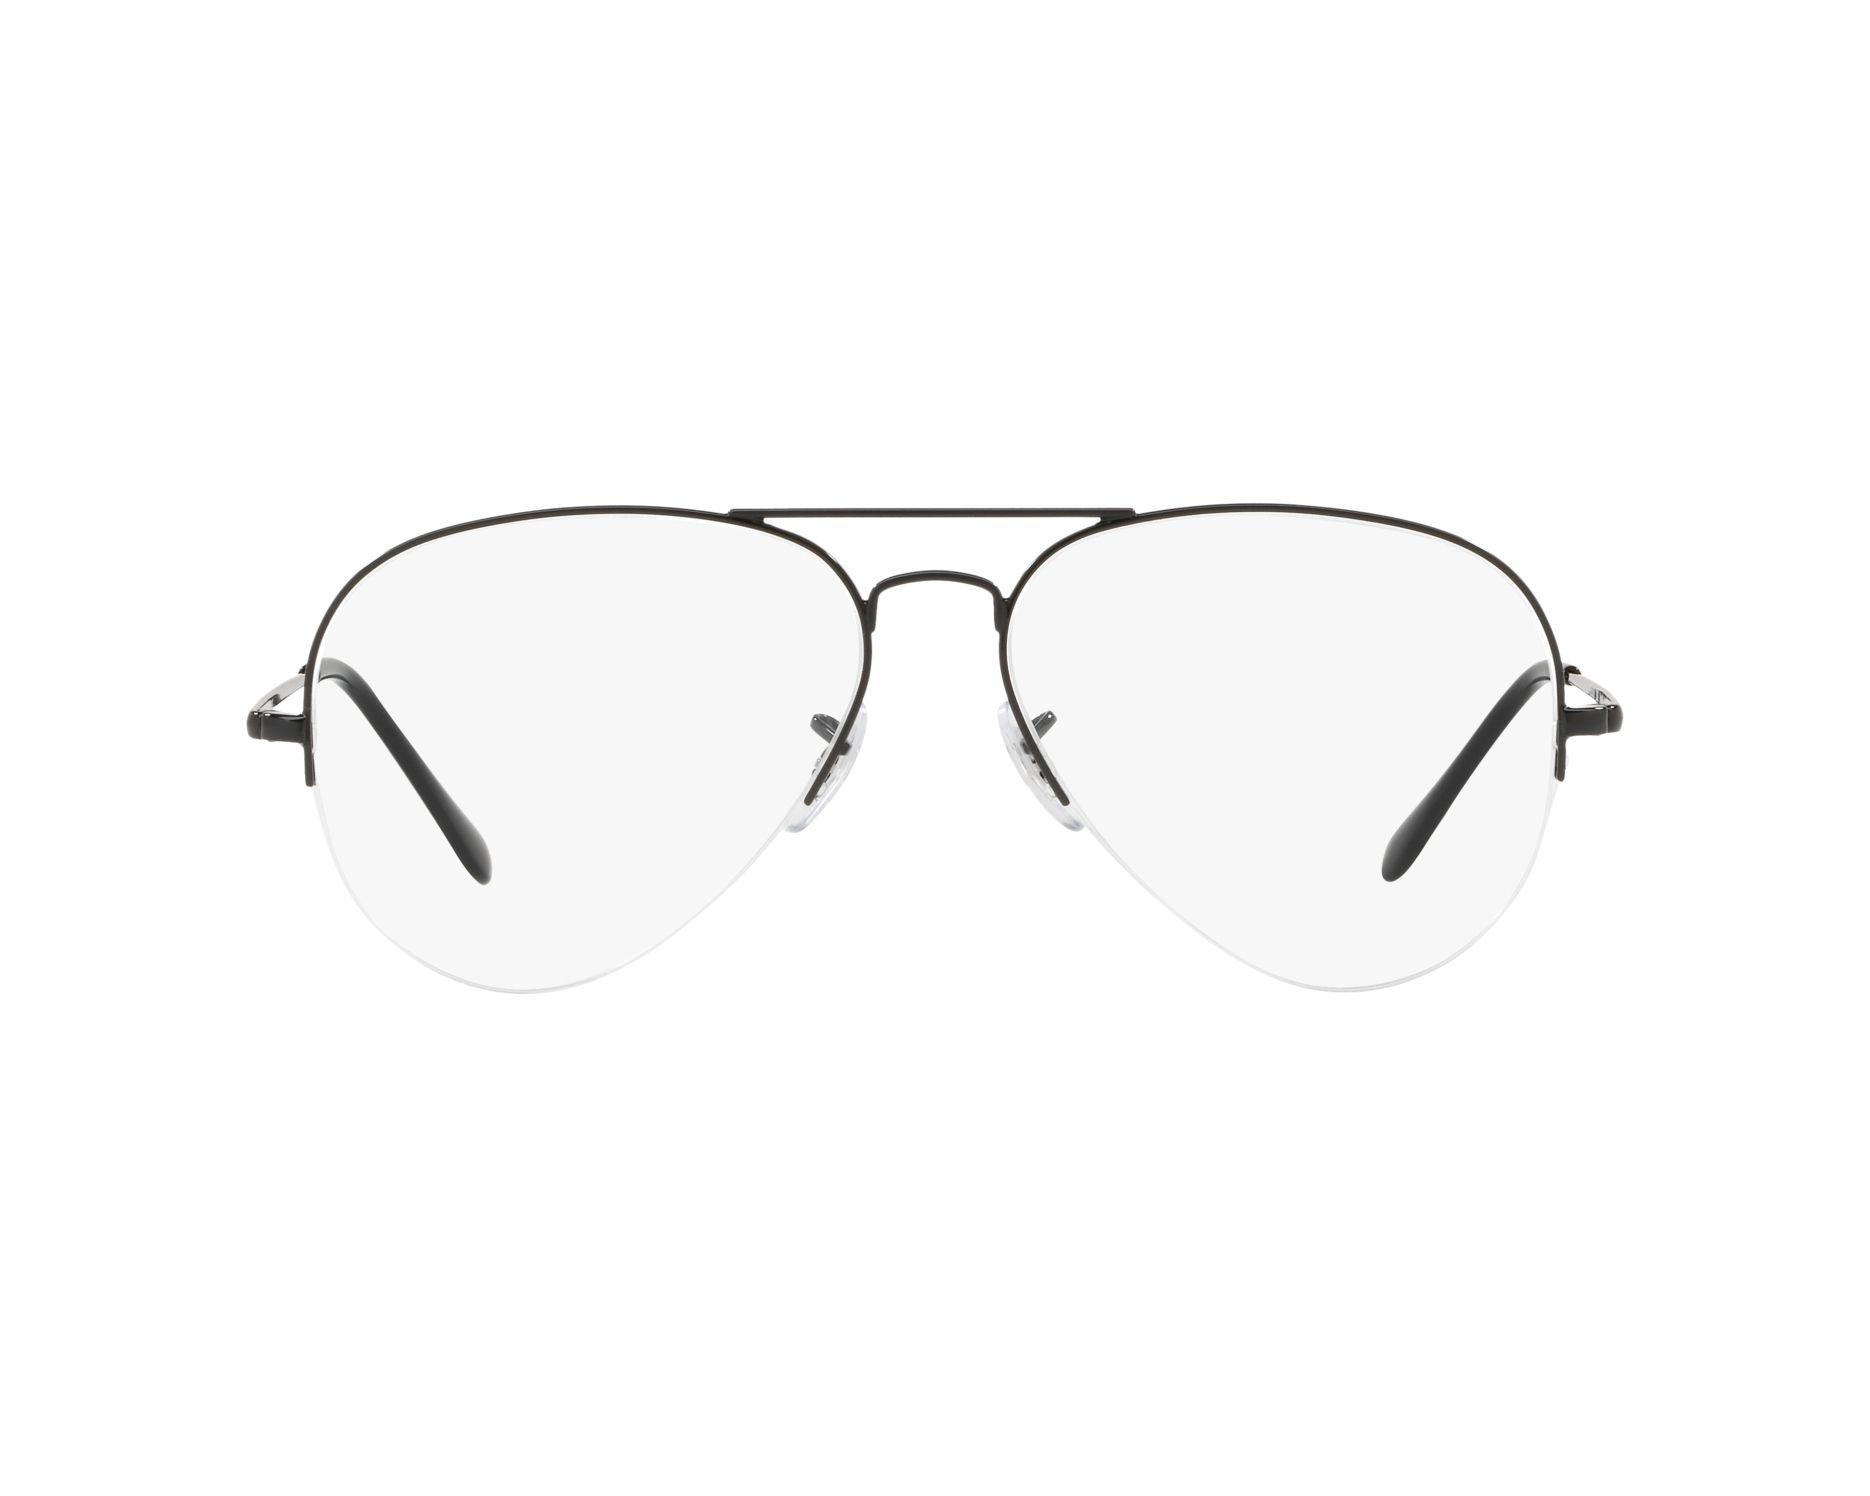 65d2eb8485 Gafas Graduadas Ray-Ban RX-6589 2509 56-15 Negra Vista de 360